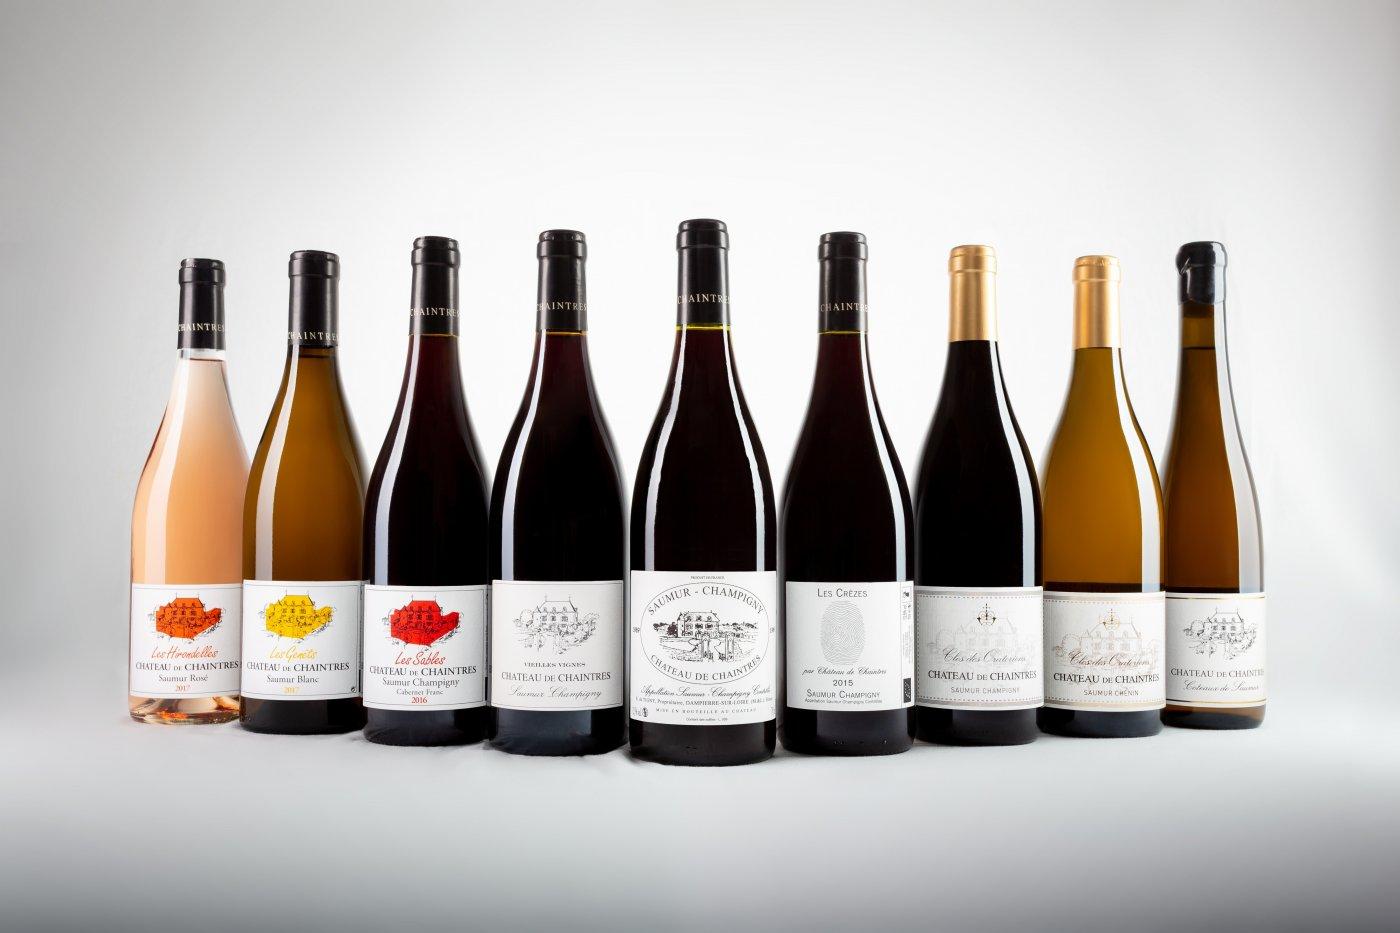 chateau-de-chaintres-des-vins-rouges-secs-mettent-a-honneur-cabernet-franc